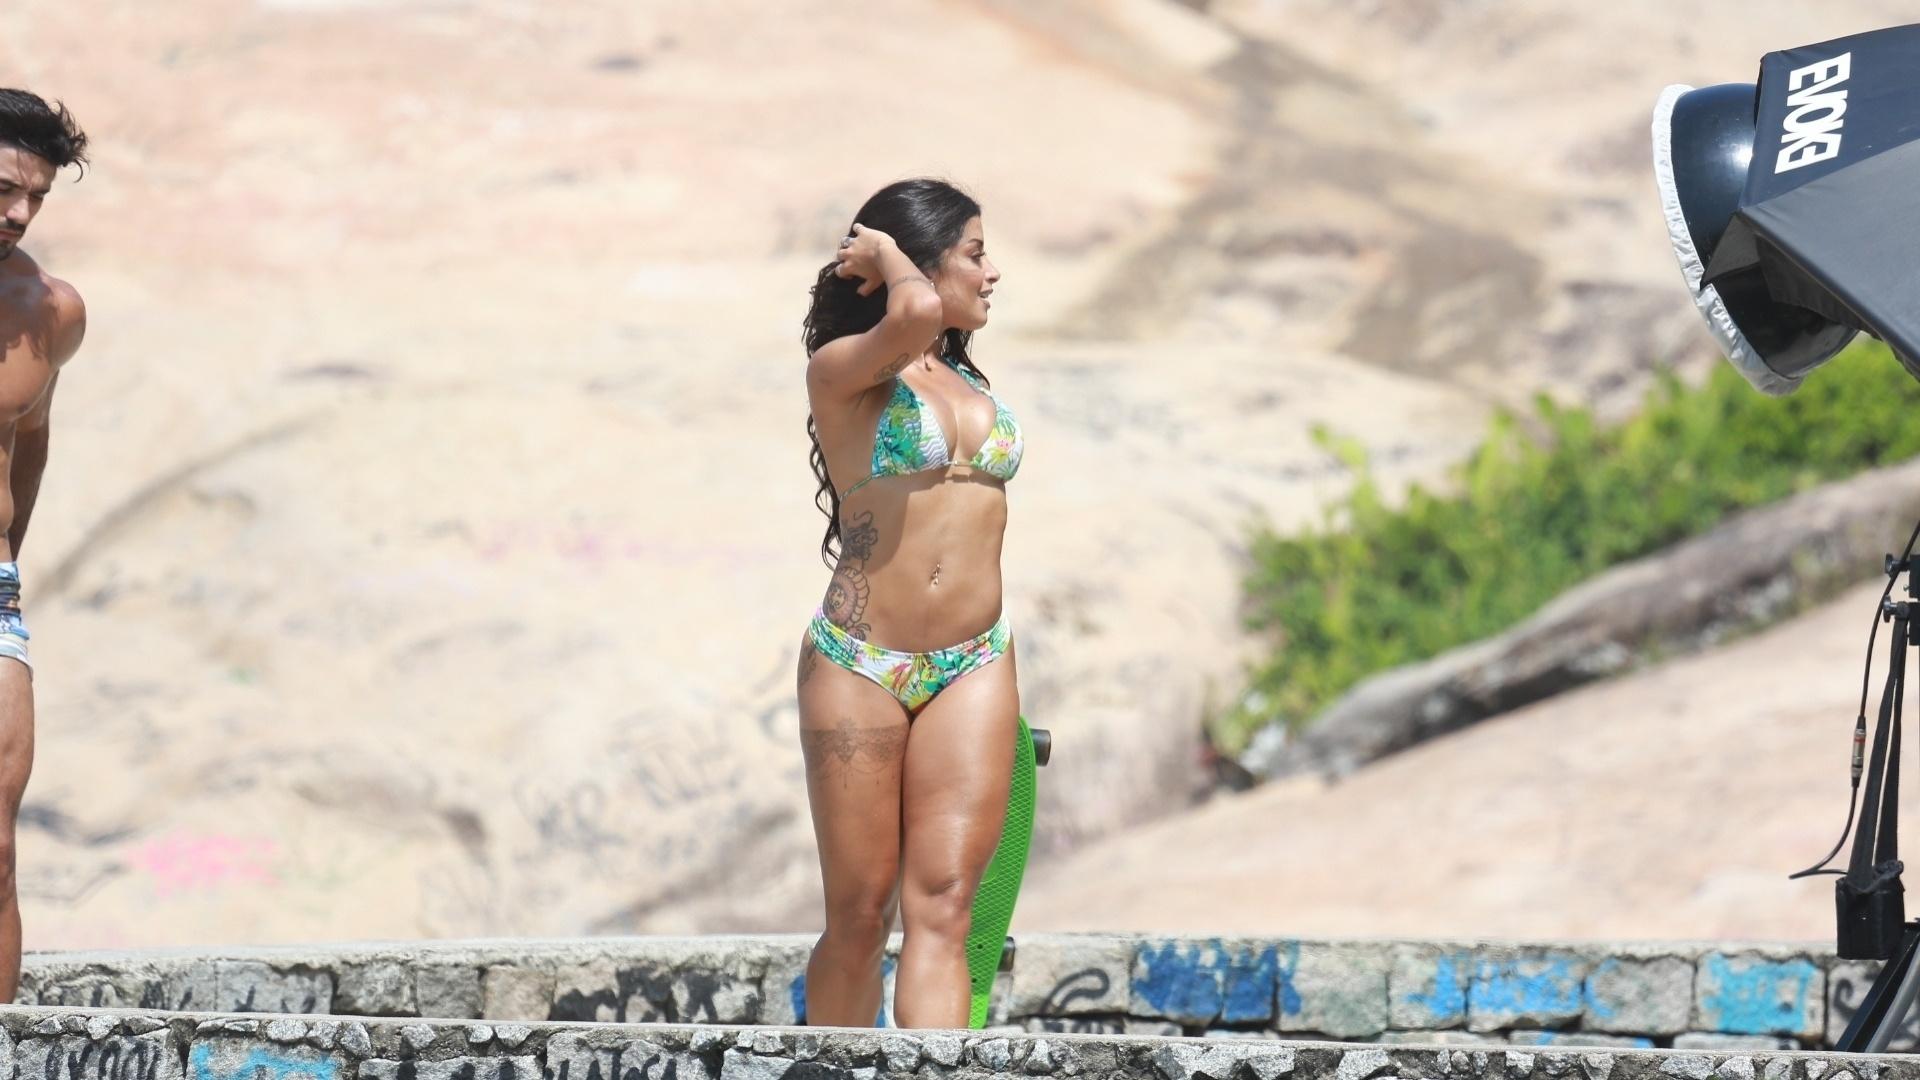 9.mar.2016 - A dançarina Aline Riscado foi clicada de biquíni para uma sessão de fotos na praia da Macumba, zona oeste do Rio de Janeiro